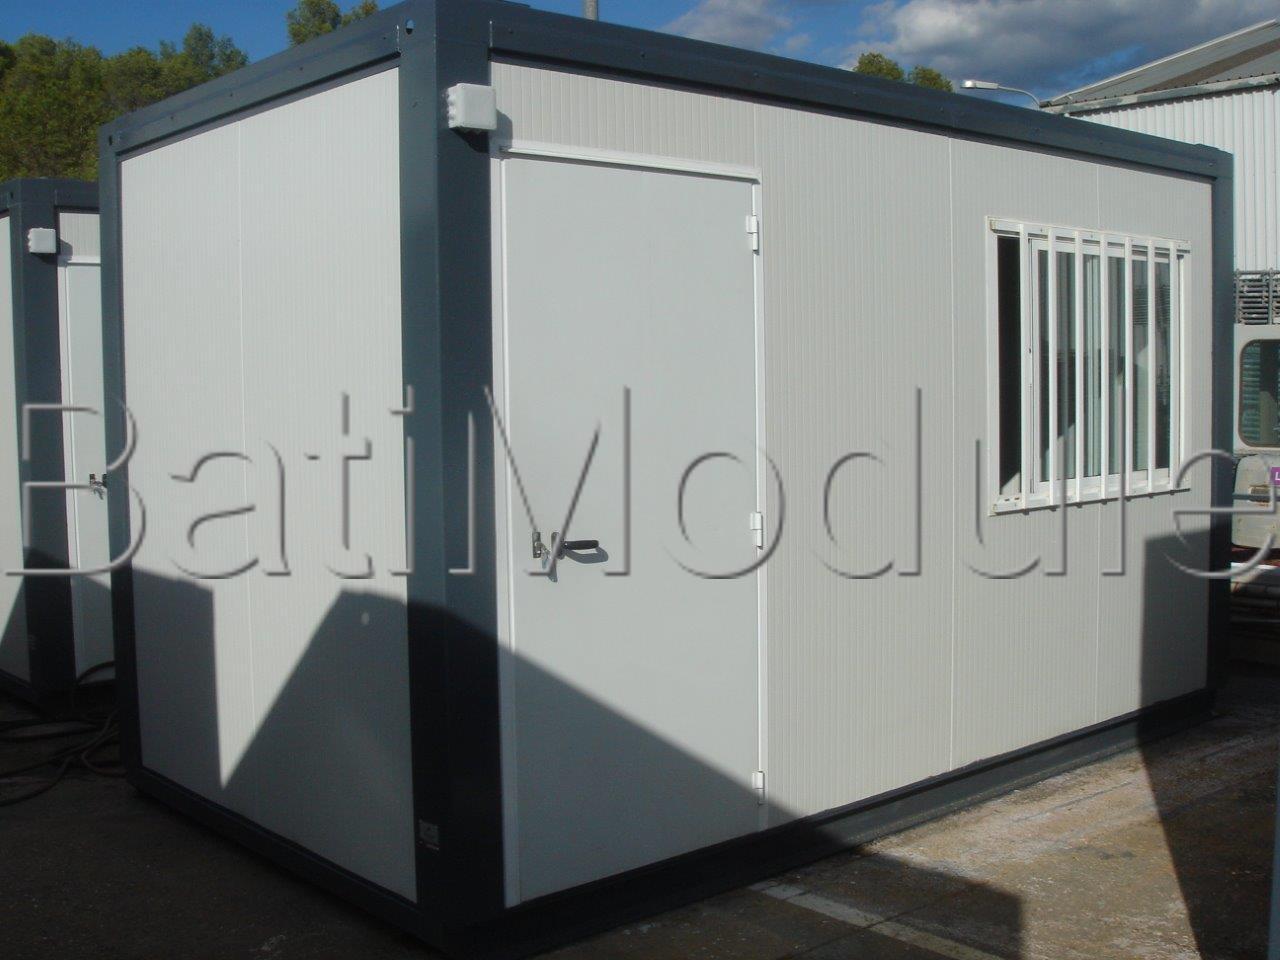 vente-batimodule-bungalow-algeco-16ft-4m-mouvbox